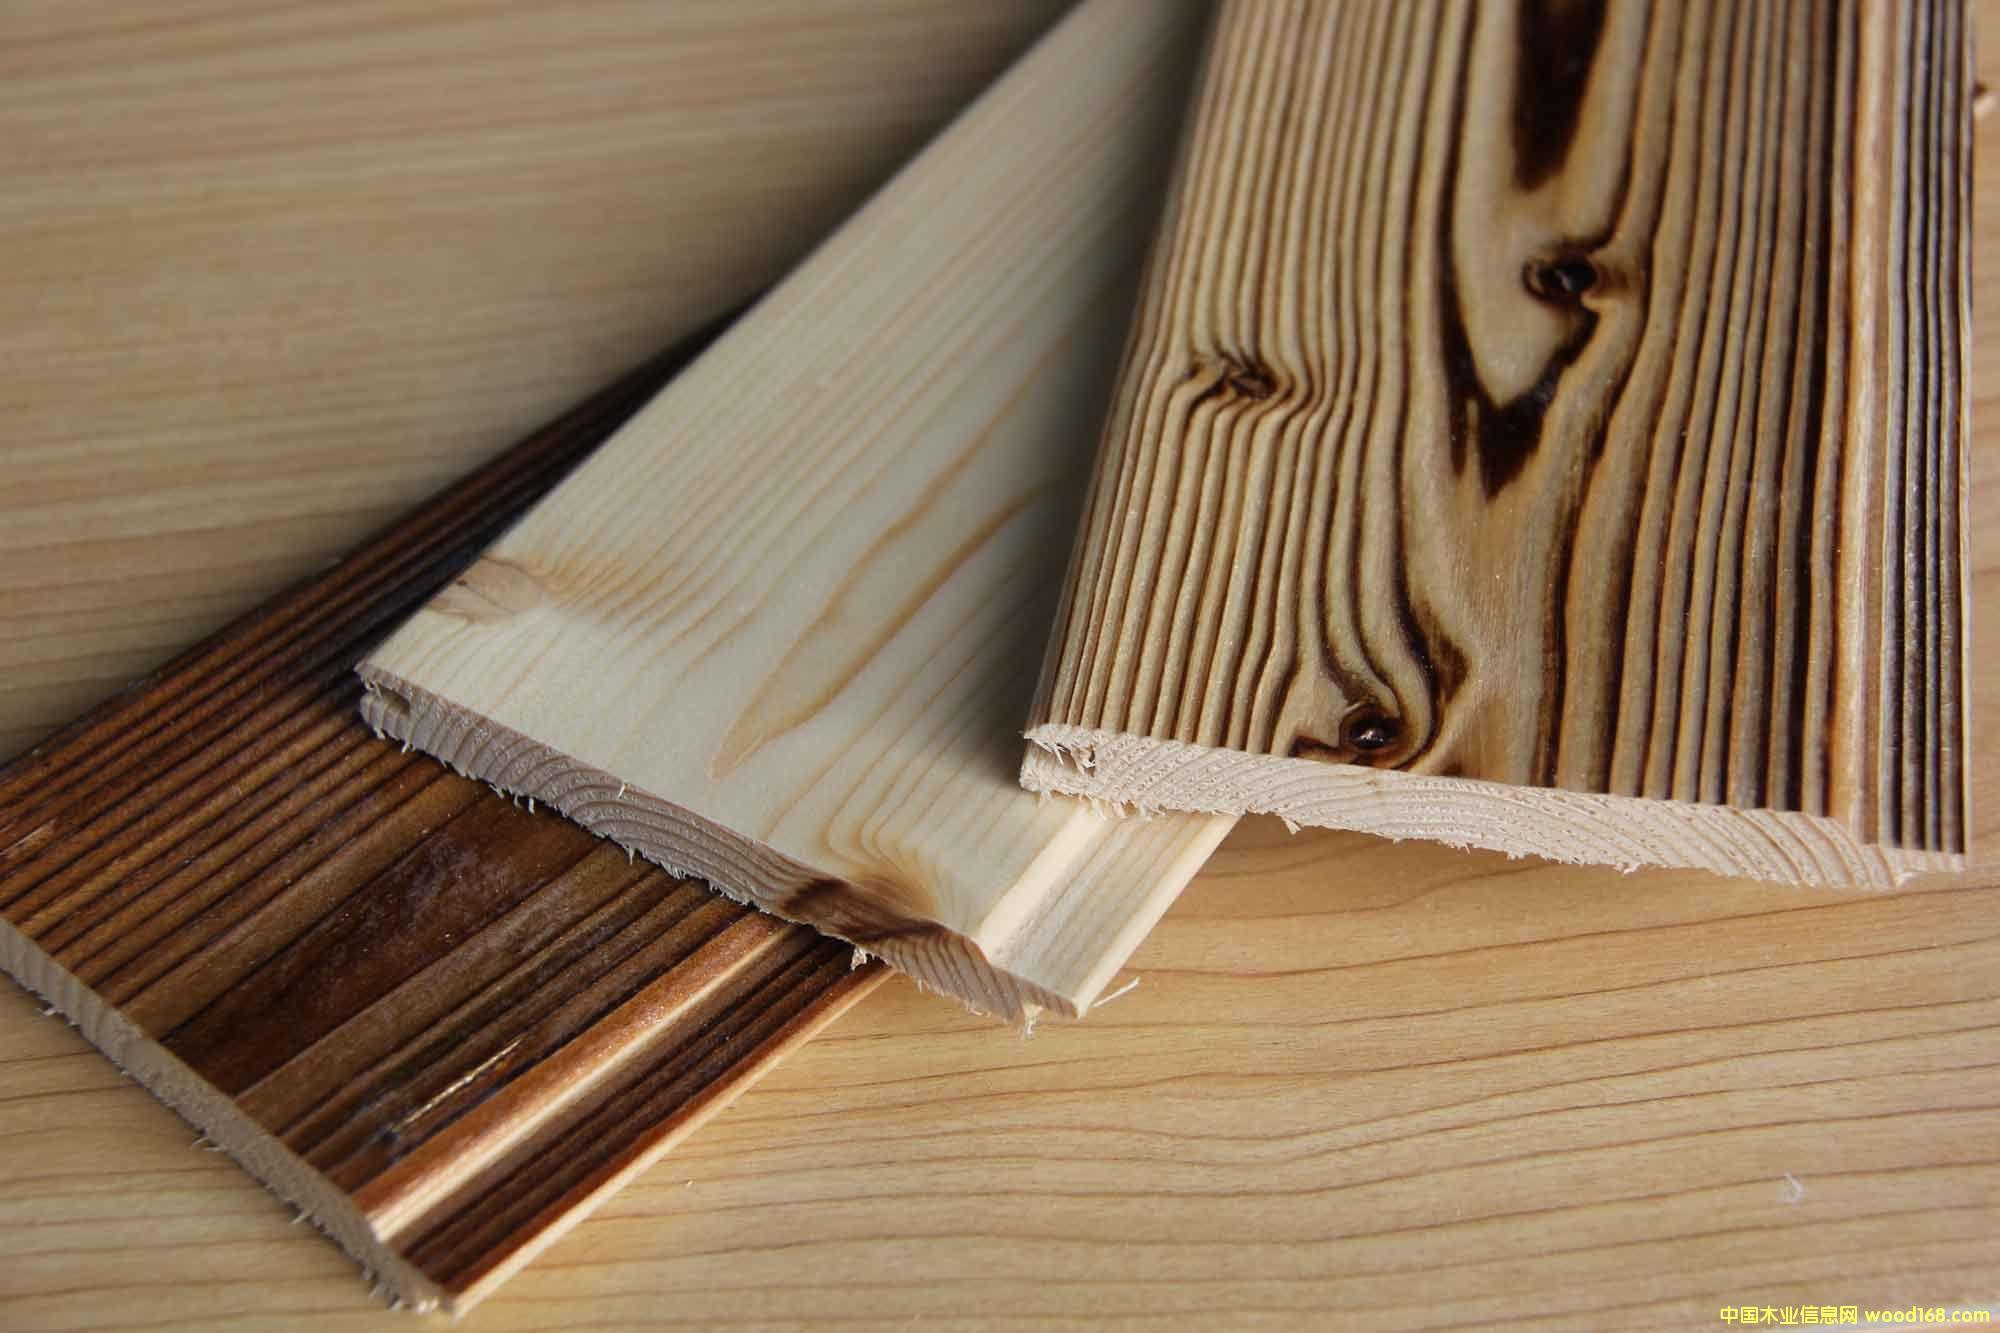 碳化木,价格,最新木材市场价格和走势-中国木业信息